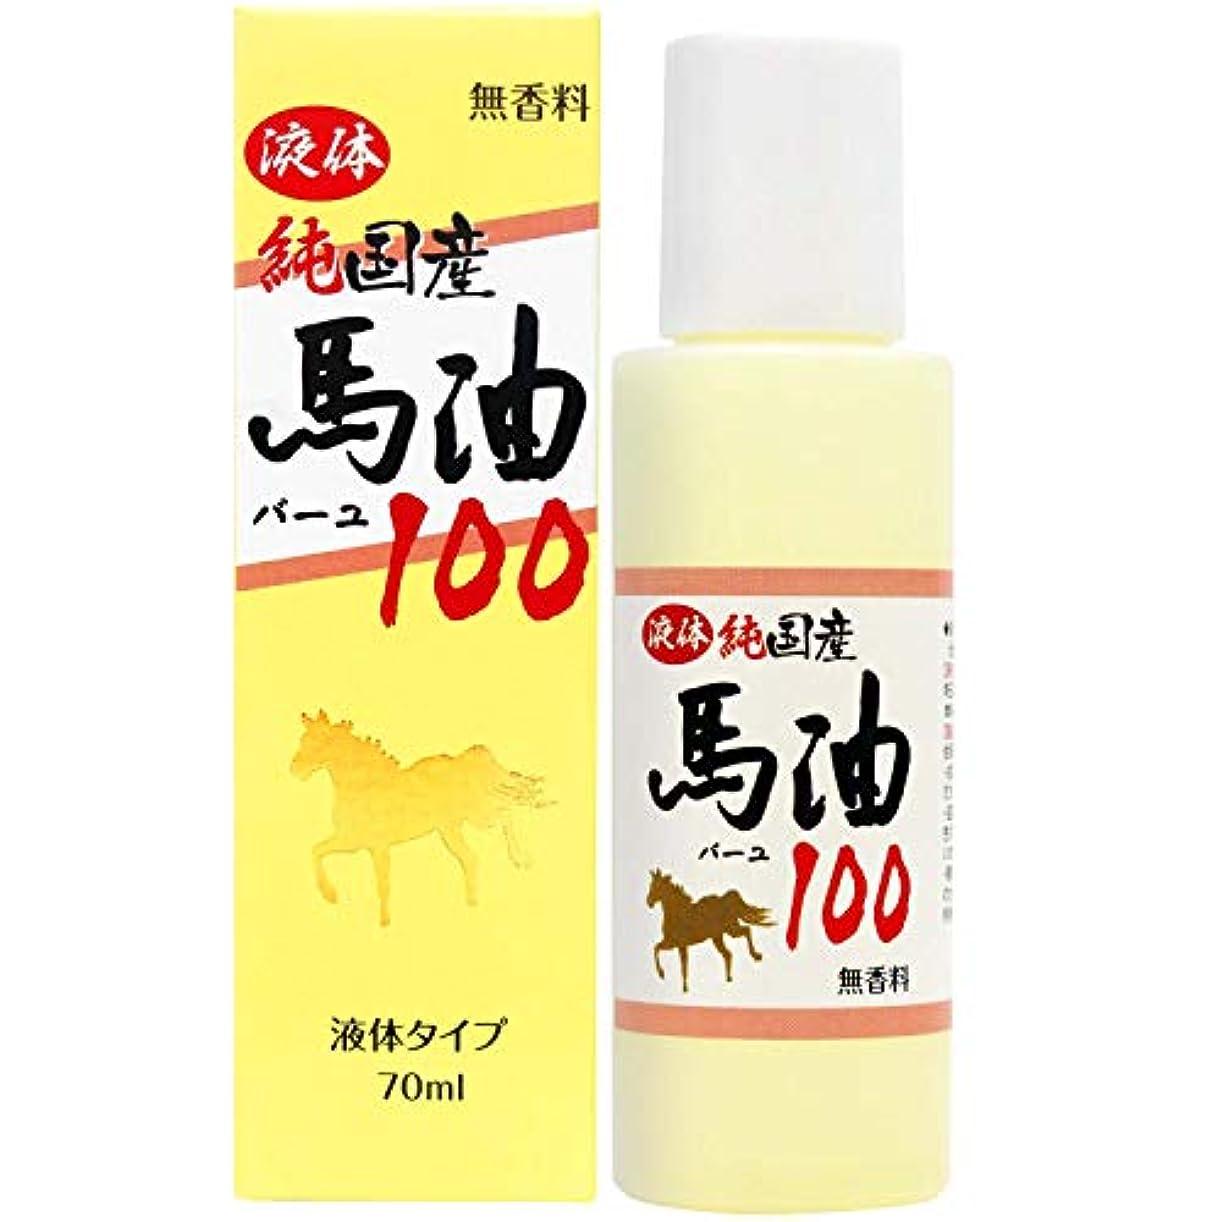 ペネロペ三十解くユウキ製薬 液体純国産馬油100 70ml